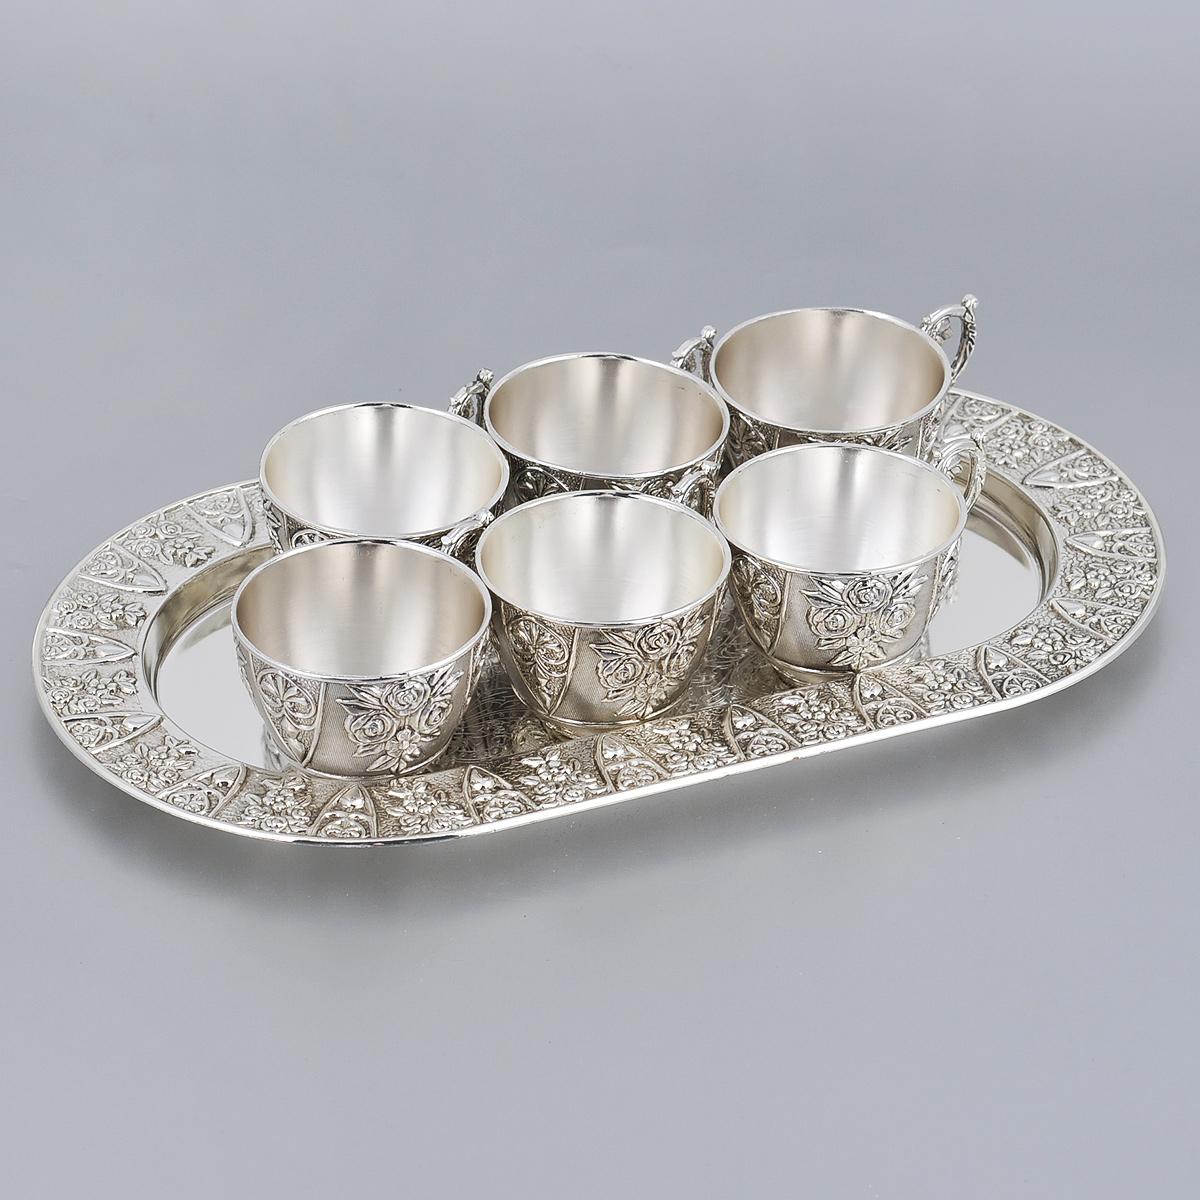 Набор чайный Marquis, 7 предметов. 2146-MR2146-MRЧайный набор Marquis состоит из 6 чашек и подноса. Предметы набора выполнены из стали с серебряно-никелевым покрытием и оформлены изящными рельефными узорами. Поднос овальной формы с легкостью уместит все предметы набора. Выполненный под старину, такой набор придется по вкусу и ценителям классики, и тем, кто предпочитает утонченность и изысканность. Сервировка праздничного стола таким набором станет великолепным украшением любого торжества. Не рекомендуется мыть в посудомоечной машине.